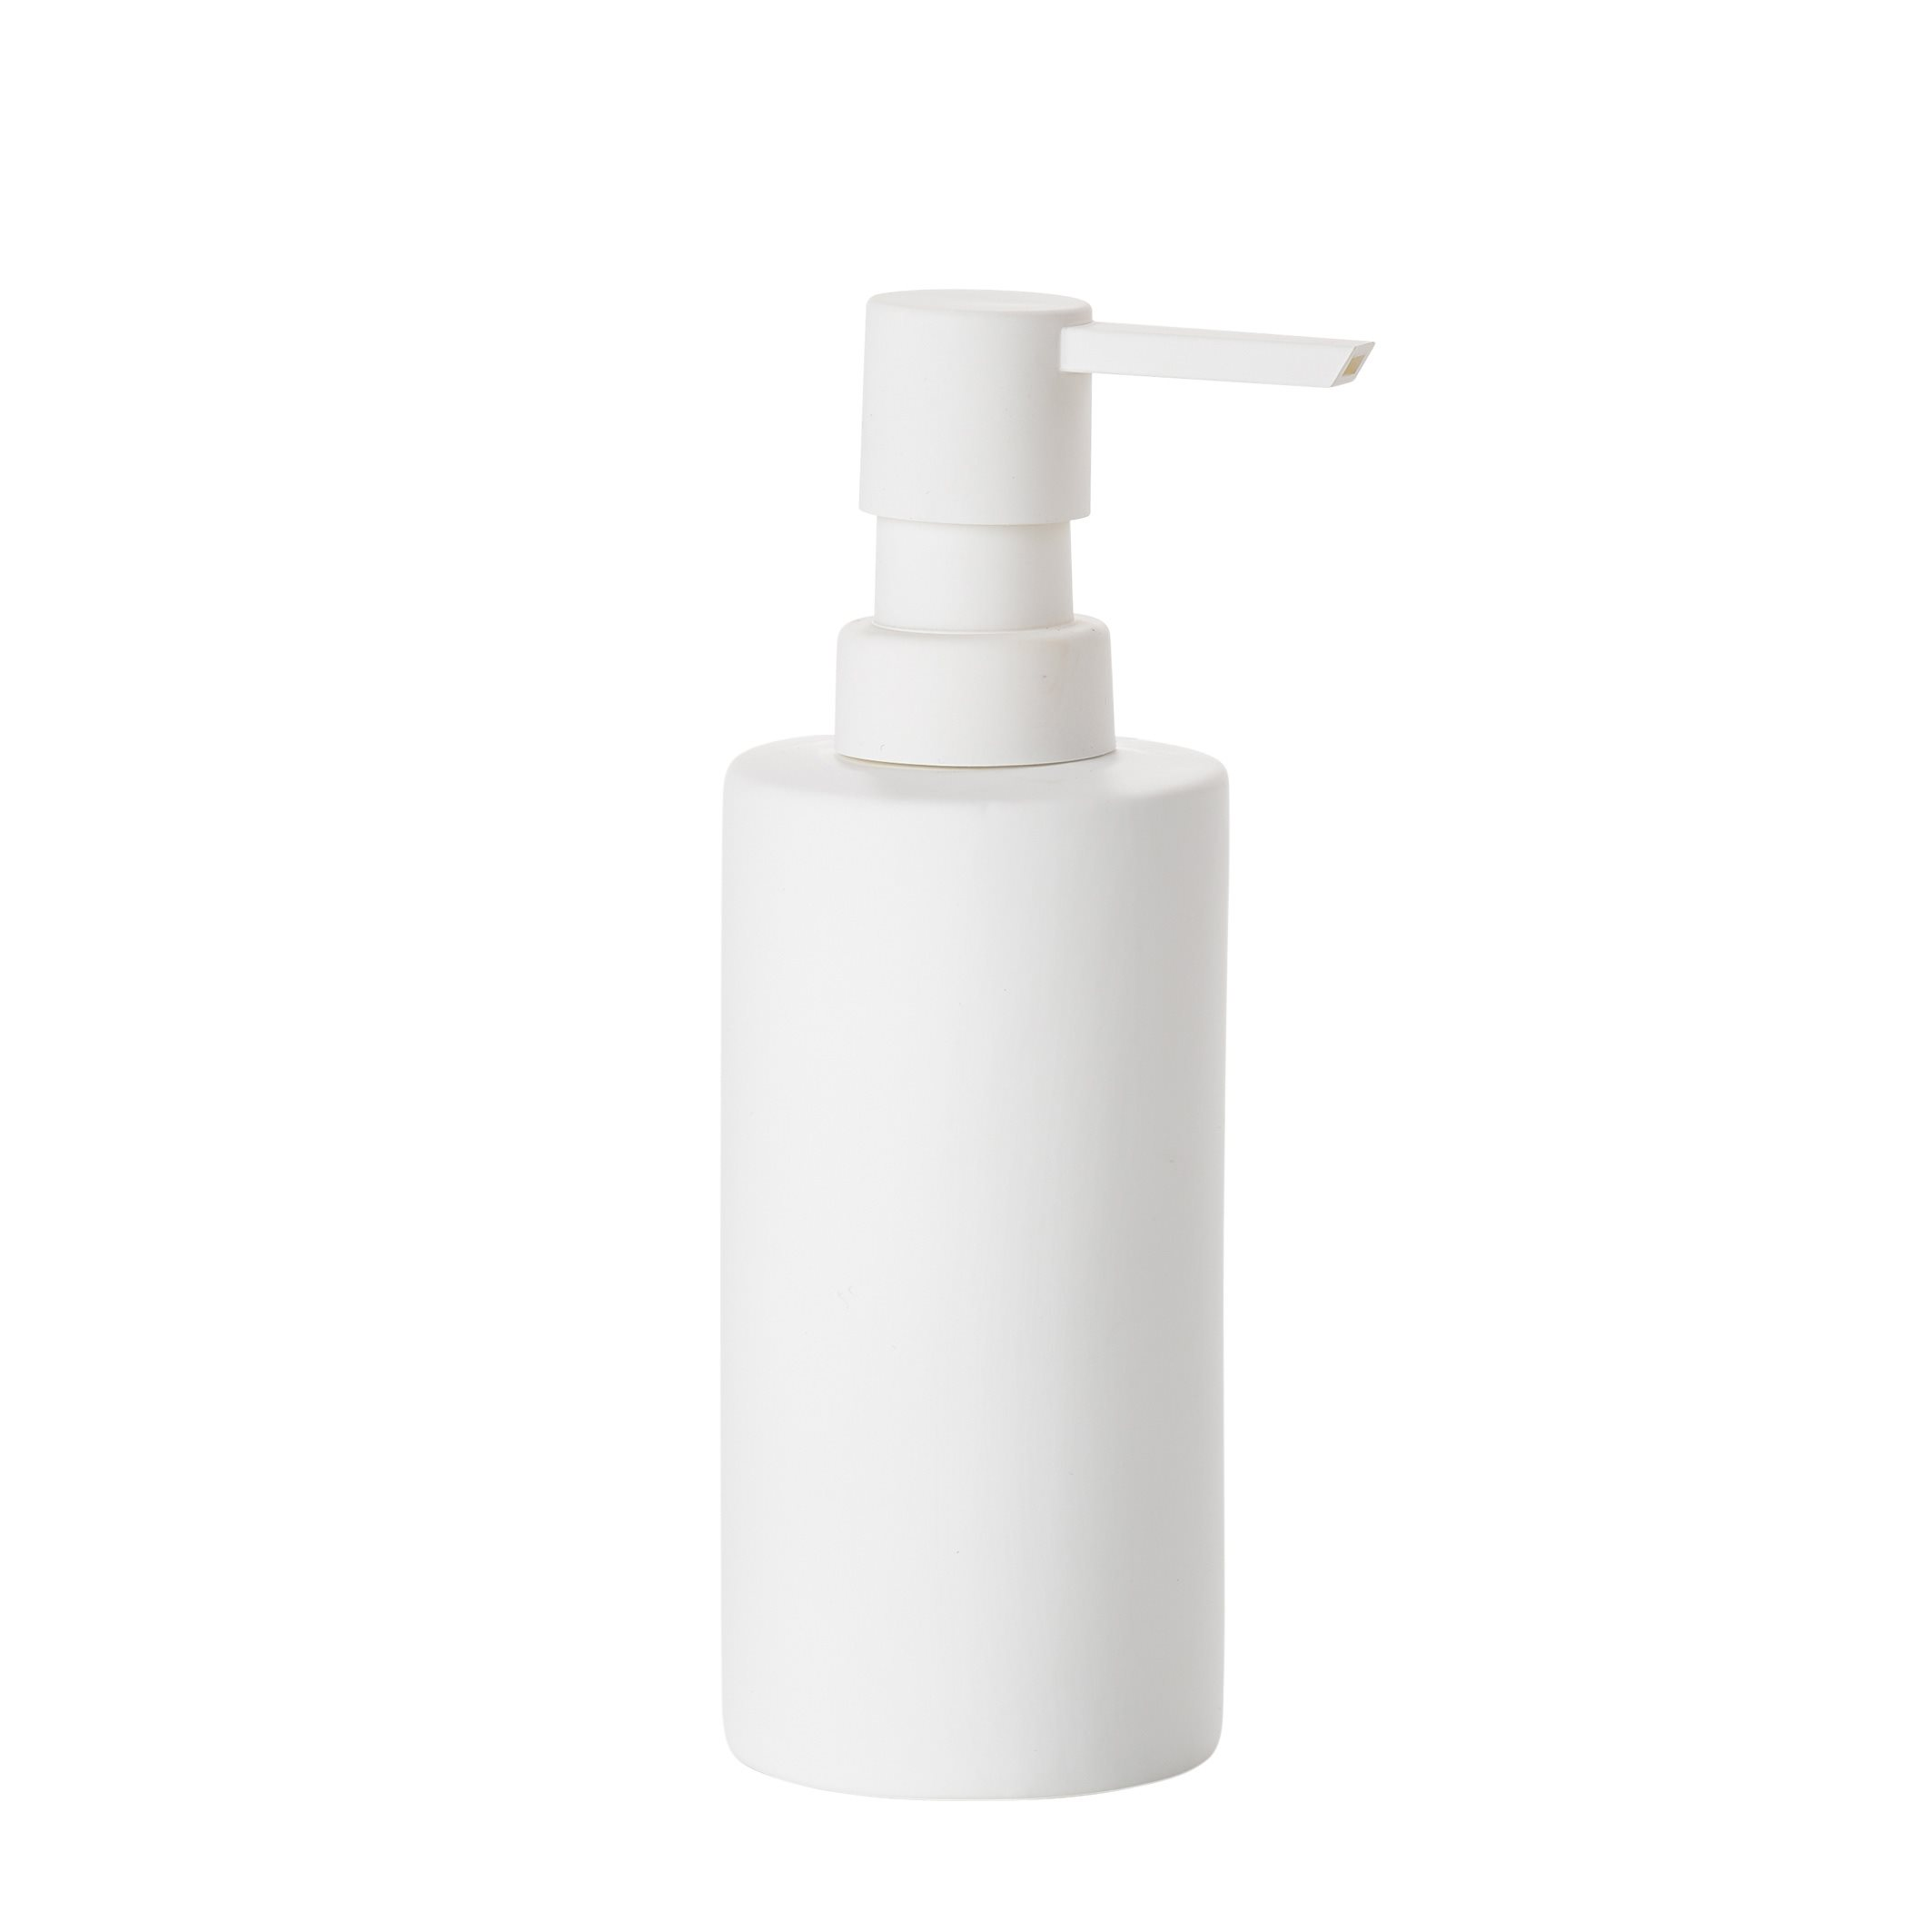 Soapdispenser solo white